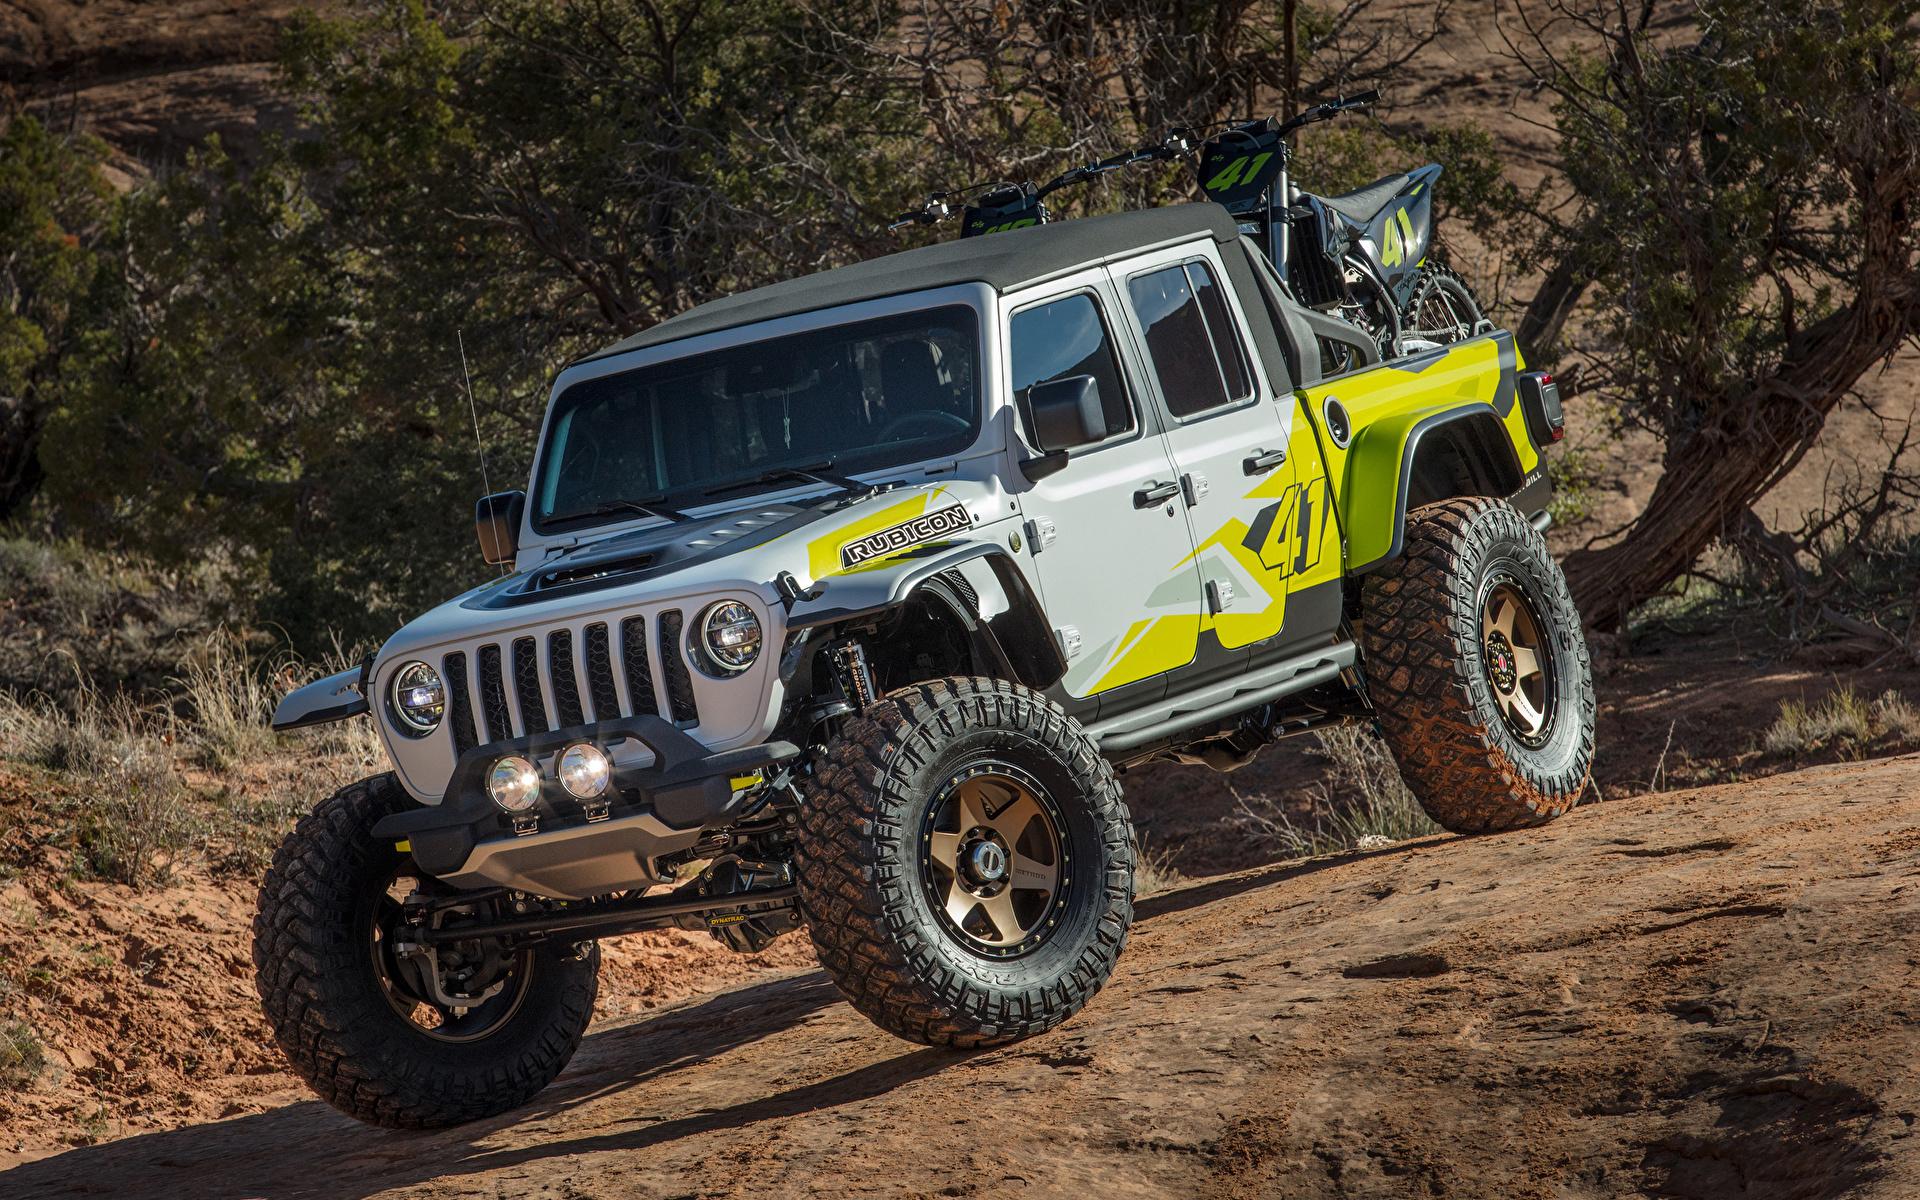 Обои для рабочего стола Джип Тюнинг SUV 2019 Flatbill Пикап кузов Автомобили 1920x1200 Jeep Стайлинг Внедорожник авто машины машина автомобиль